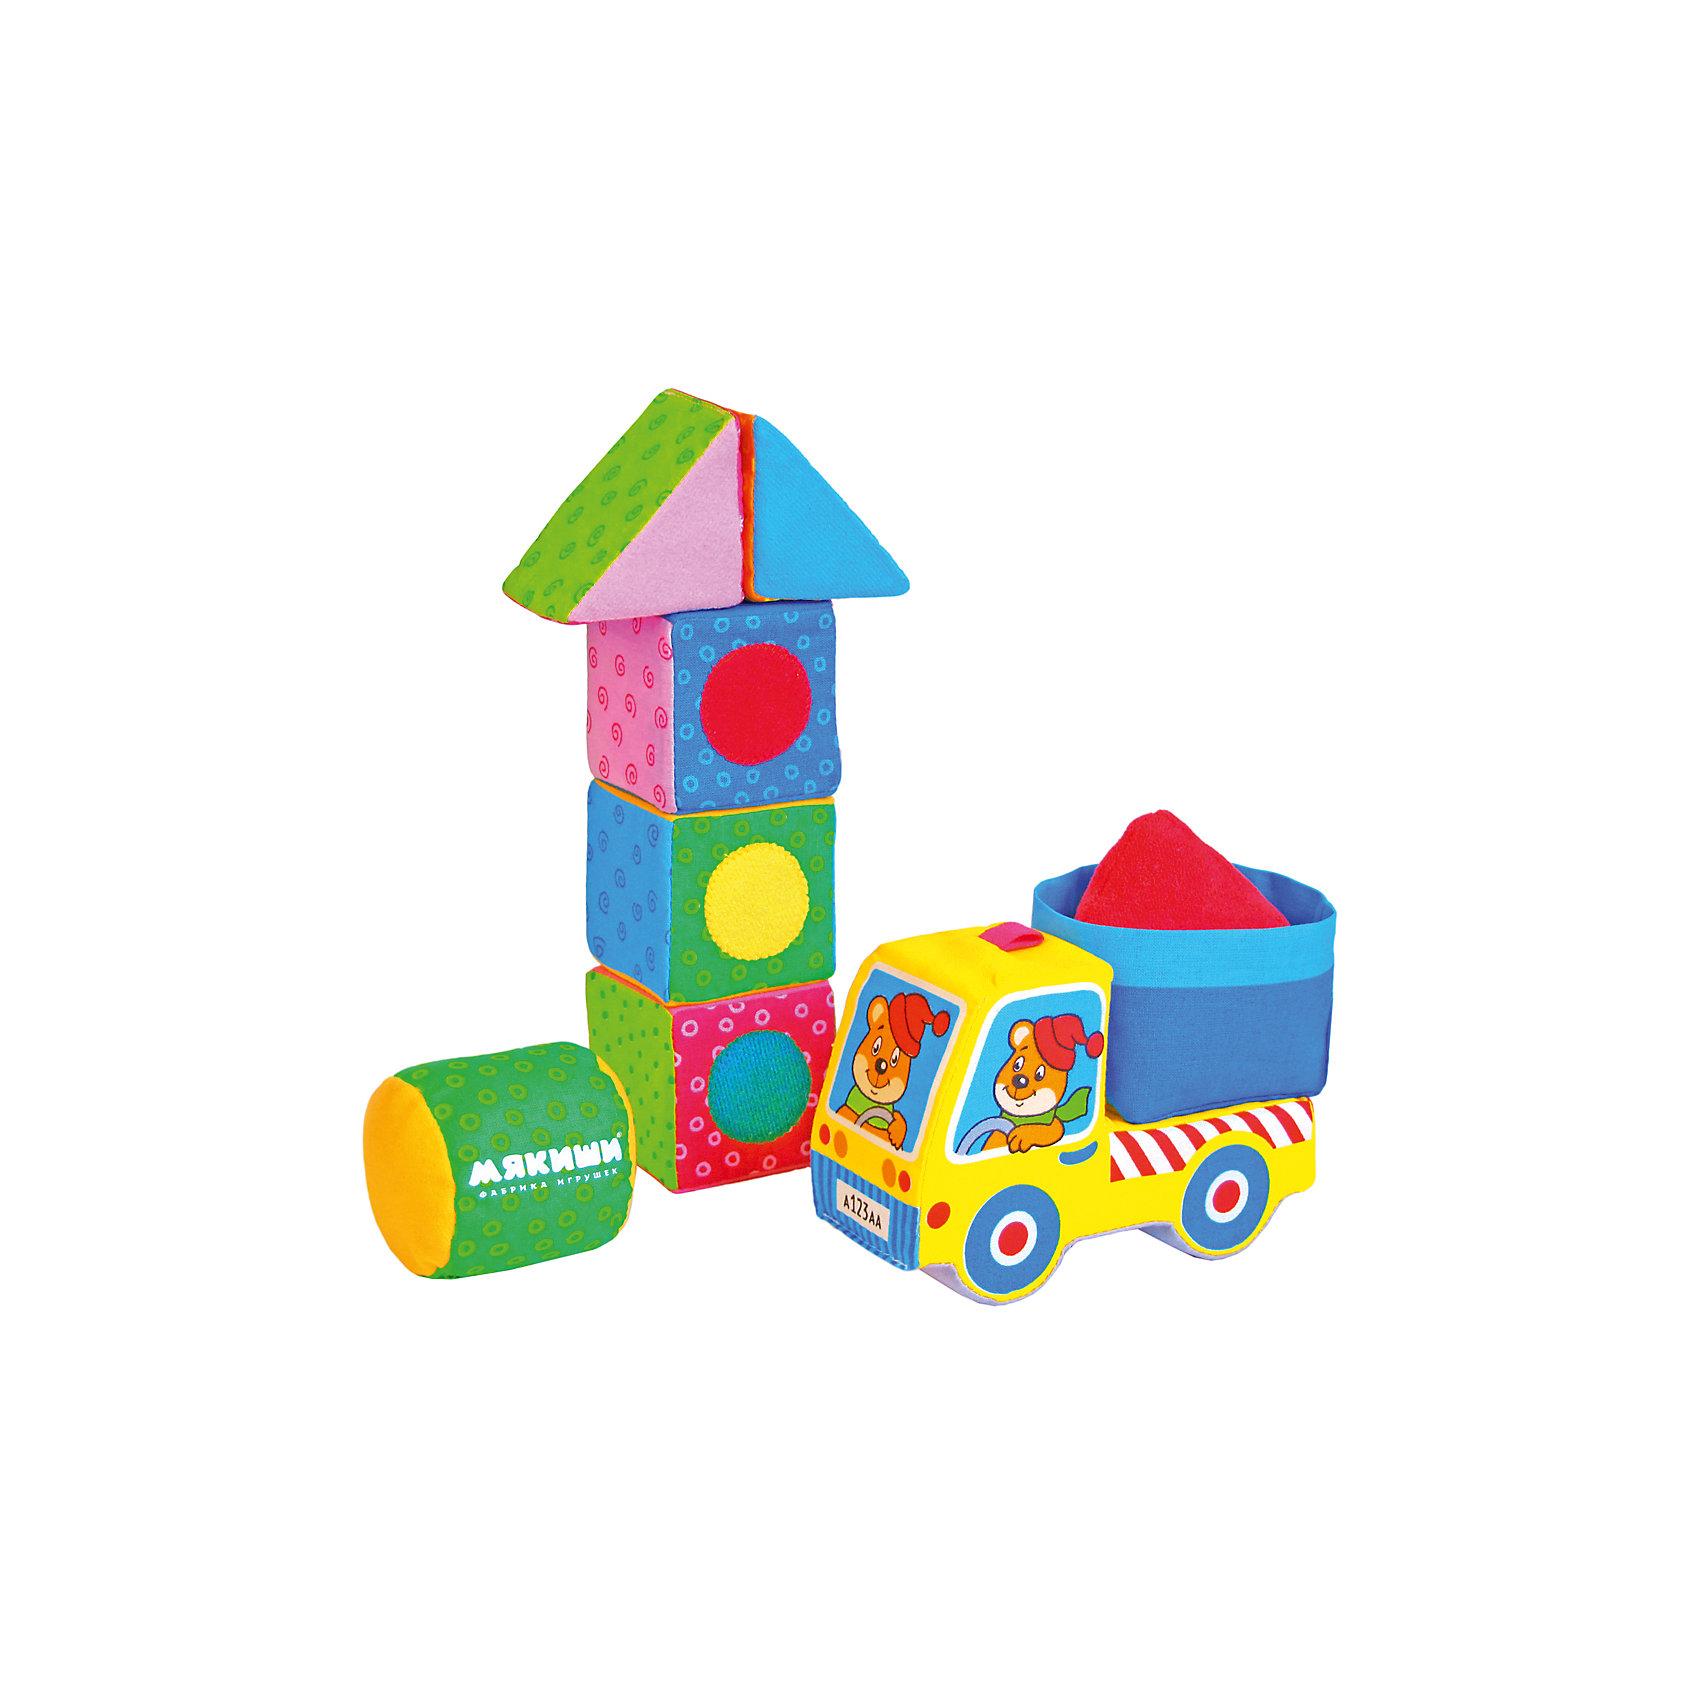 Кубики-конструктор «Светофор»Кубики<br>Кубики-конструктор Светофор, Мякиши, создан для самых маленьких строителей. В комплект входят яркие красочные детали разных форм, выполненные из мягких текстильных материалов, а также мягкая машинка. Набор поможет обучить ребенка основным способам конструирования, развить его речевые способности и воображение. Мягкие разноцветные детали, украшенные аппликацией позволят собрать множество удивительных конструкций. Изготовлено из гипоаллергенных материалов. <br><br>Дополнительная информация:<br><br>- Комплект: 2 треугольника, 3 кубика, 1 цилиндр.<br>- Материал: 100% х/б ткань, трикотажное полотно, поролон, тяжёлая гранулированная насыпка, холлофайбер, швейная фурнитура, звуковые элементы.<br>- Размеры элементов: кубик - 6 х 6 х 6 см., треугольник - 6 х 6 х 6 см., цилиндр - 6 х 6 см., машинка - 16 х 6 х 13 см. <br>- Размер упаковки: 22,5 х 6 х 3 см.<br>- Вес: 0,25 кг.<br><br>Кубики-конструктор Светофор, Мякиши, можно купить в нашем интернет-магазине.<br><br>Ширина мм: 225<br>Глубина мм: 60<br>Высота мм: 30<br>Вес г: 250<br>Возраст от месяцев: 12<br>Возраст до месяцев: 36<br>Пол: Унисекс<br>Возраст: Детский<br>SKU: 4424934